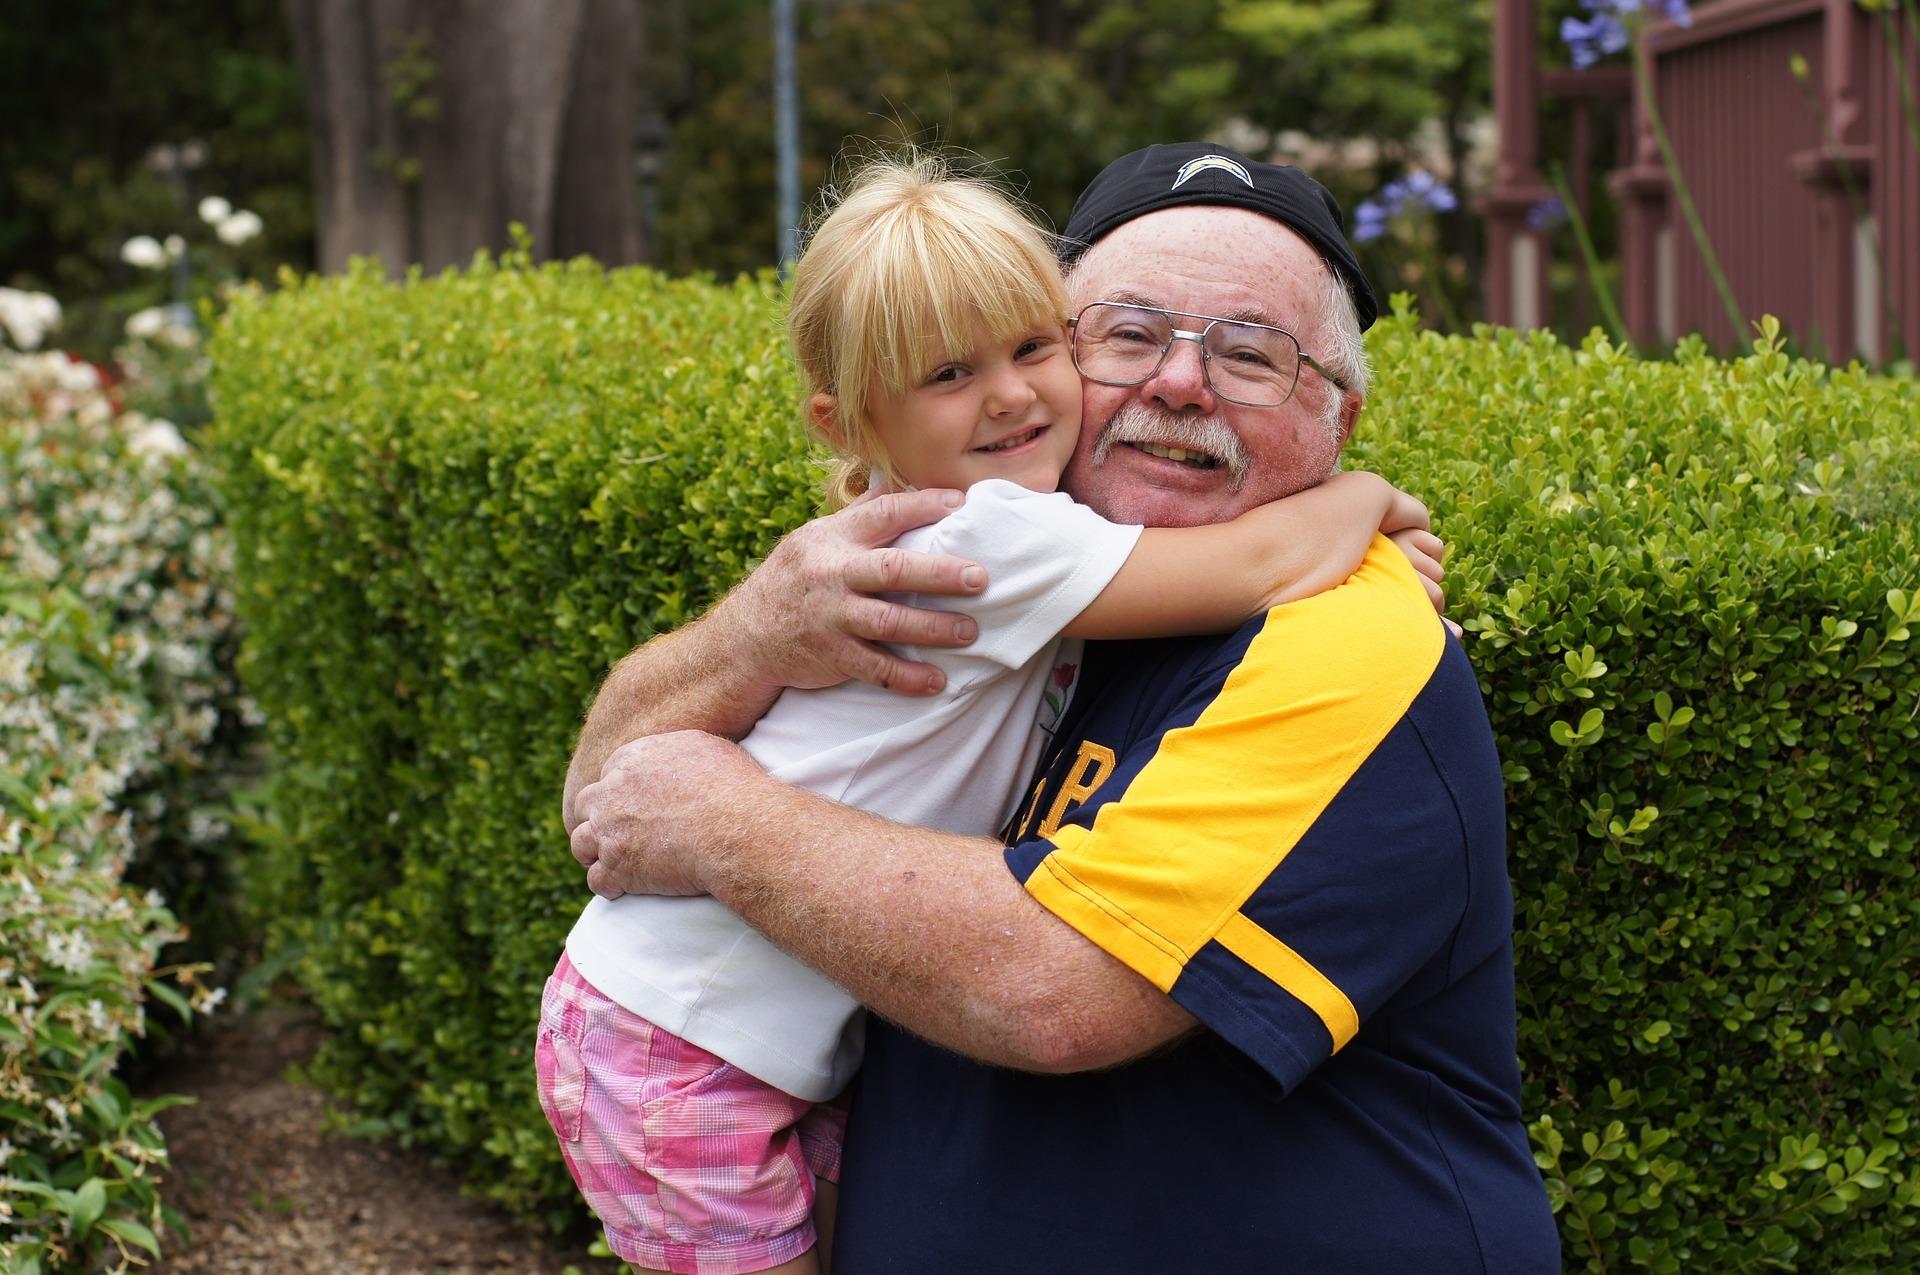 Bambini e Alzheimer – 5 consigli utili per spiegare ai bambini la malattia del proprio caro.